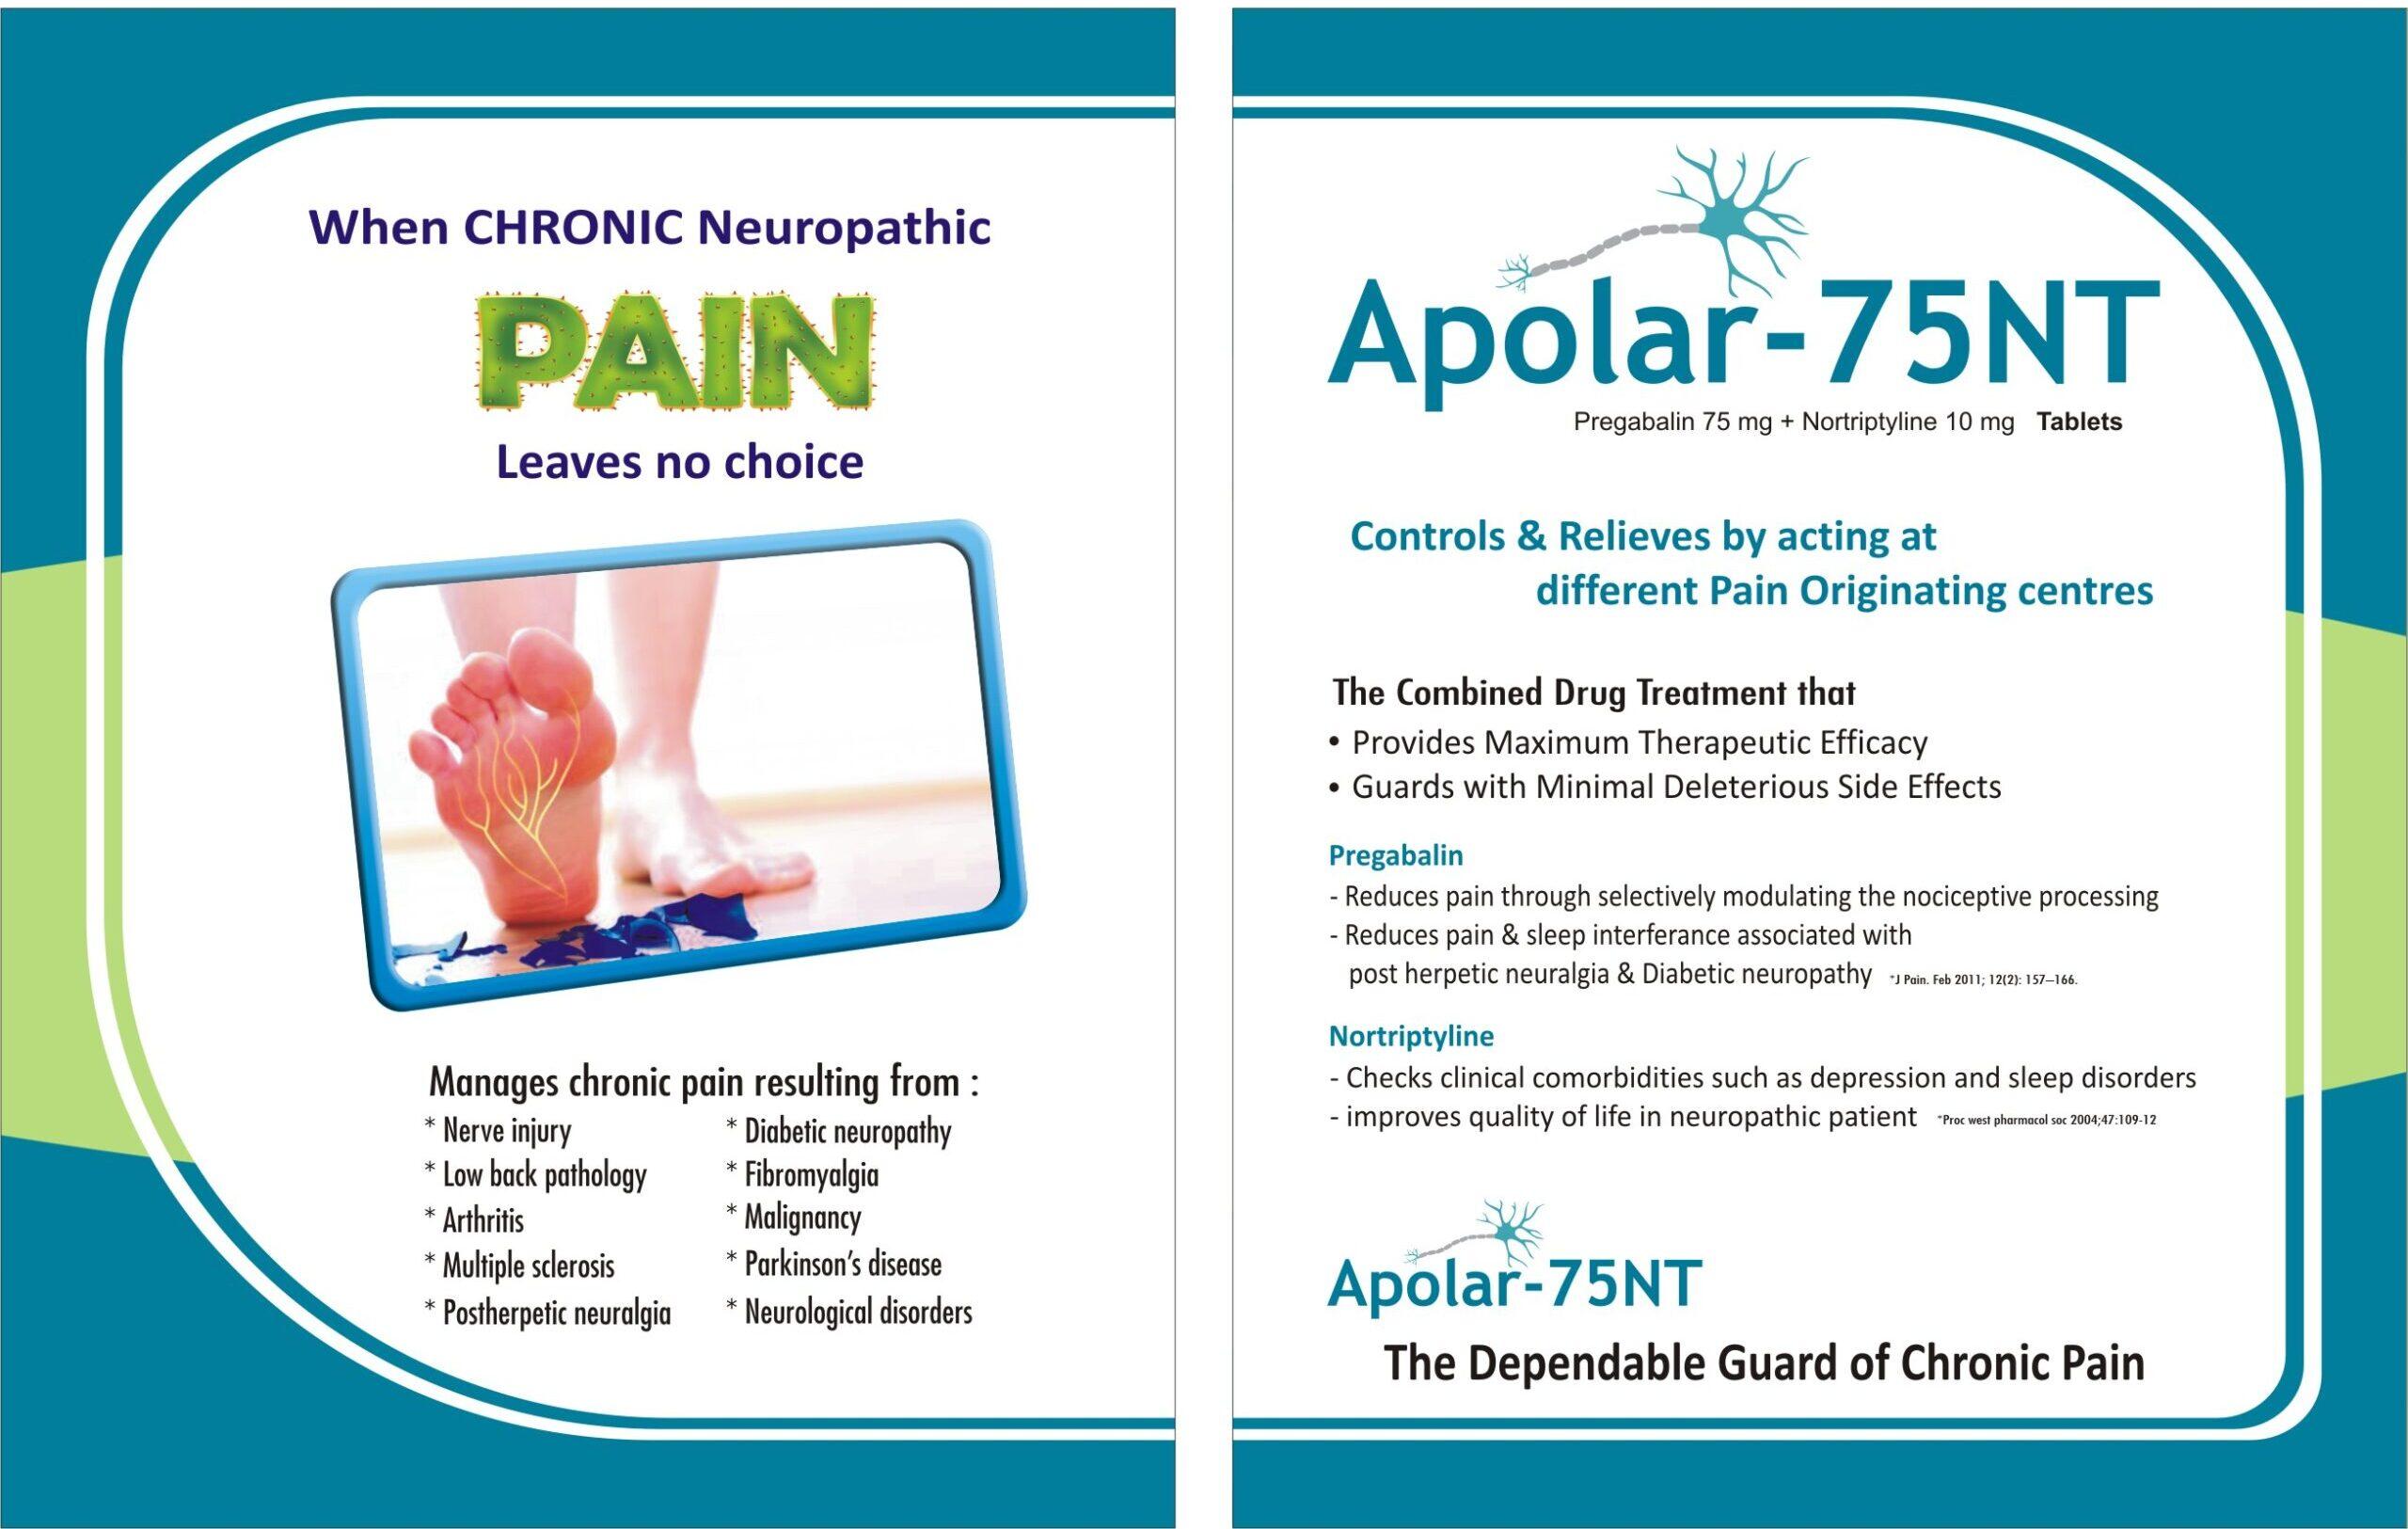 Apolar 75 NT